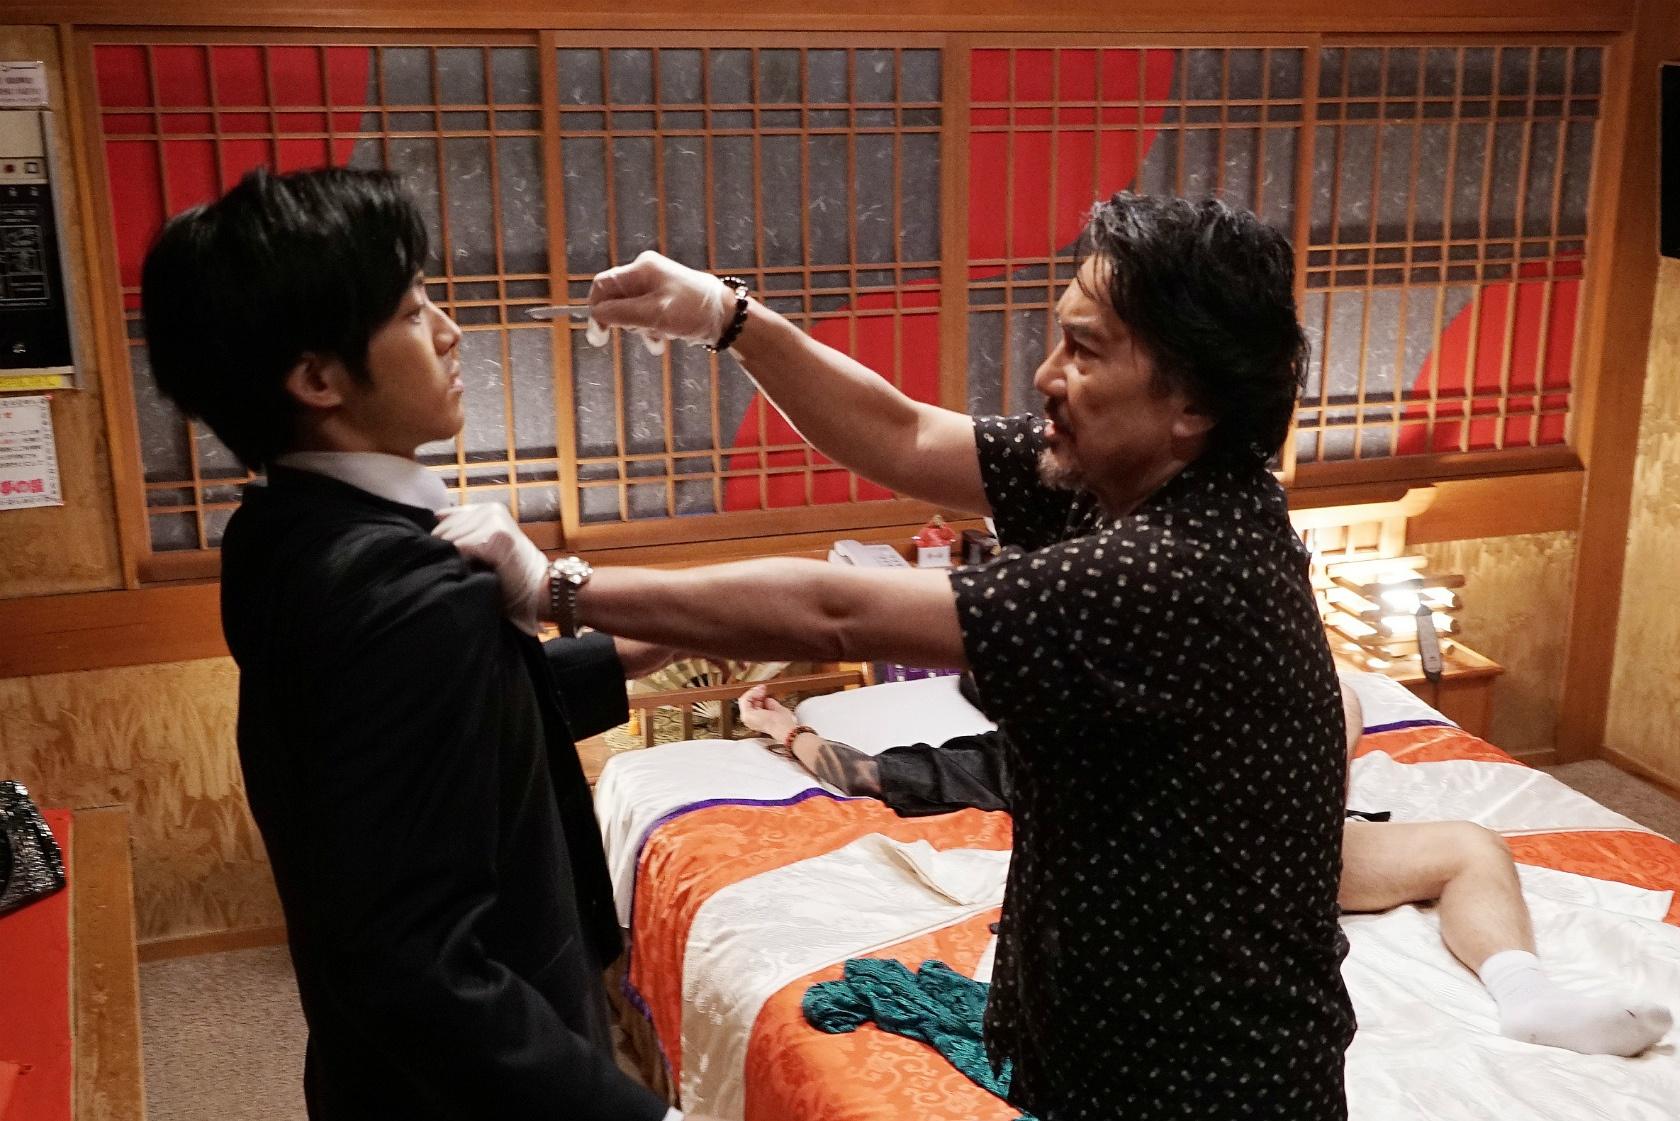 松坂桃李演じる日岡にメスを向ける衝撃シーンも